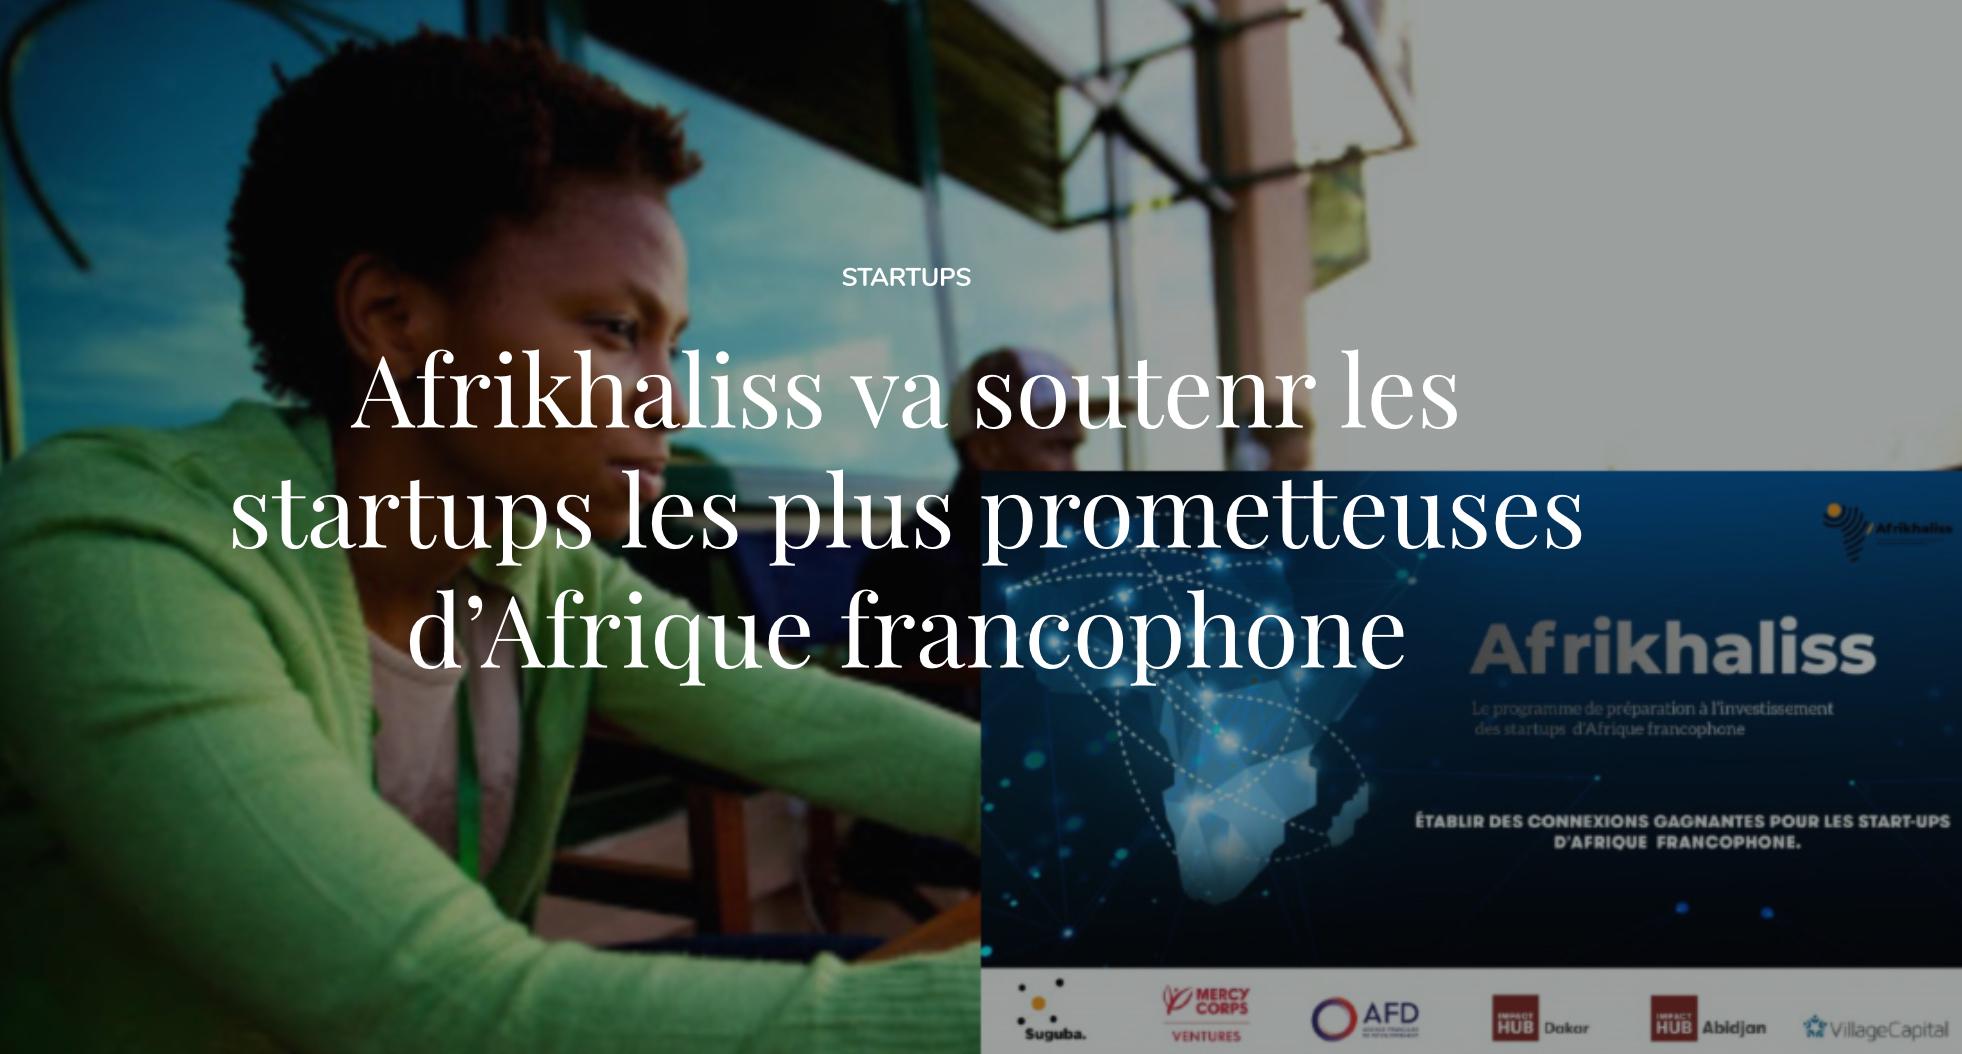 Afrikhaliss va soutenir les start-ups les plus prometteuses d'Afrique francophone